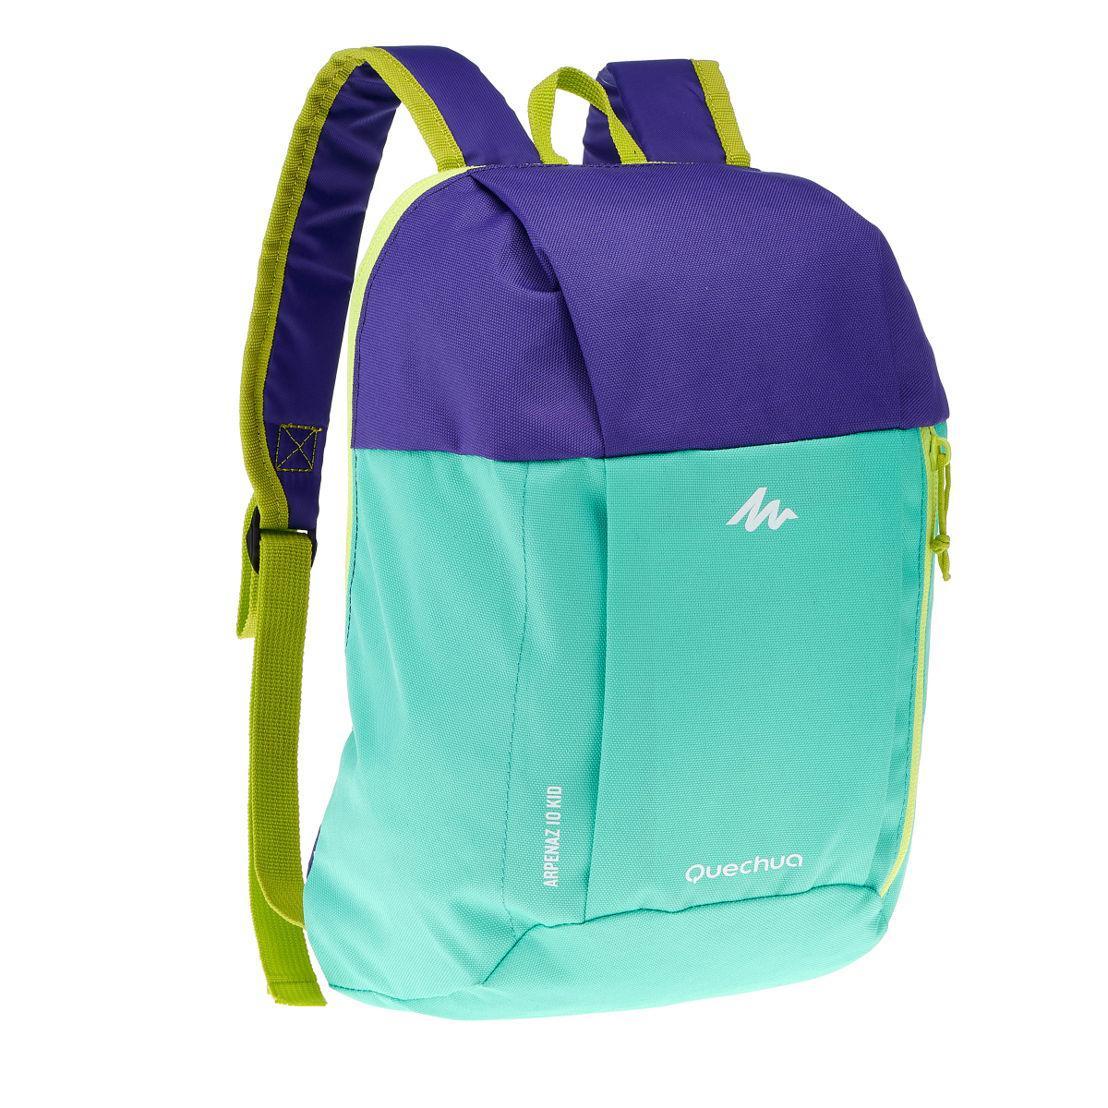 Рюкзак детский Quechua 7л. Цвет мятный с фиолетовым.